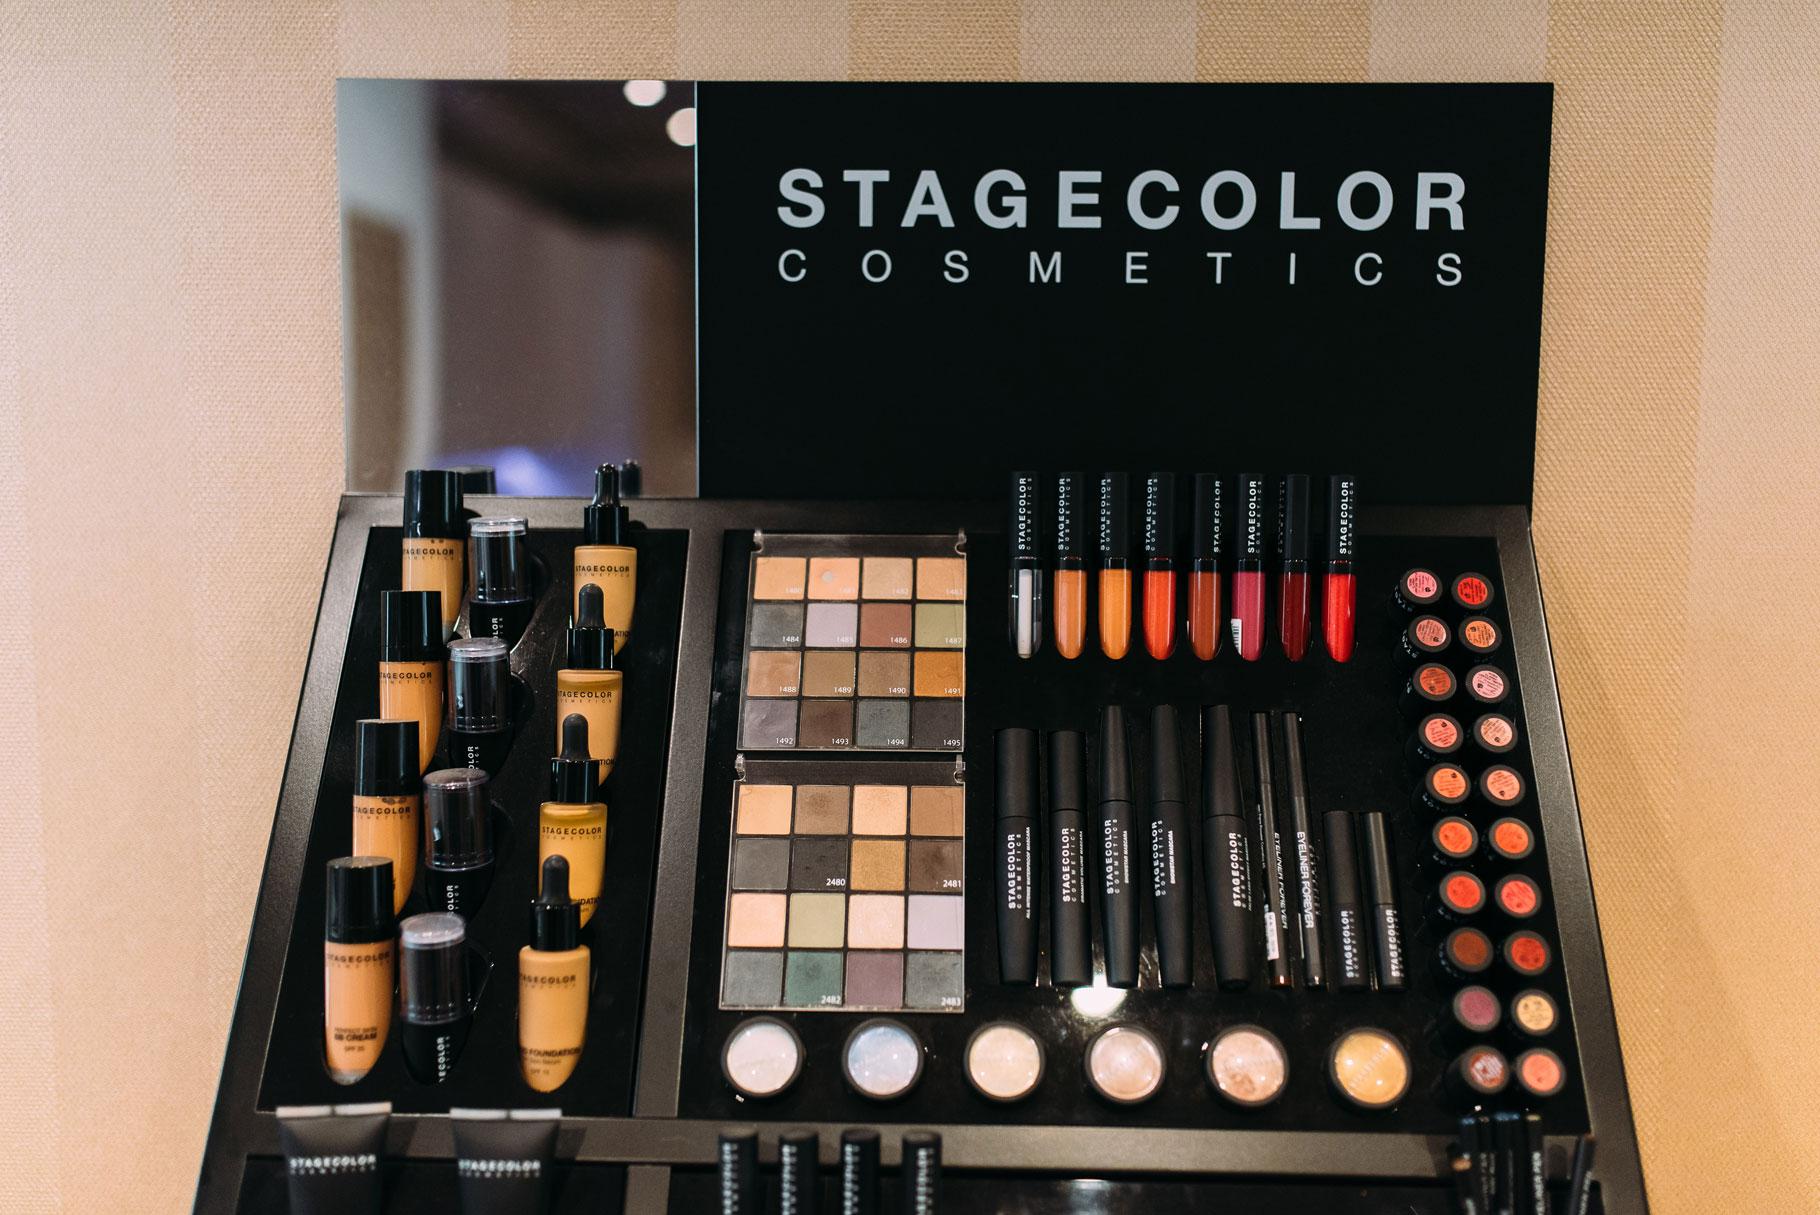 Stage Color - Wir bringen Sie zum leuchten